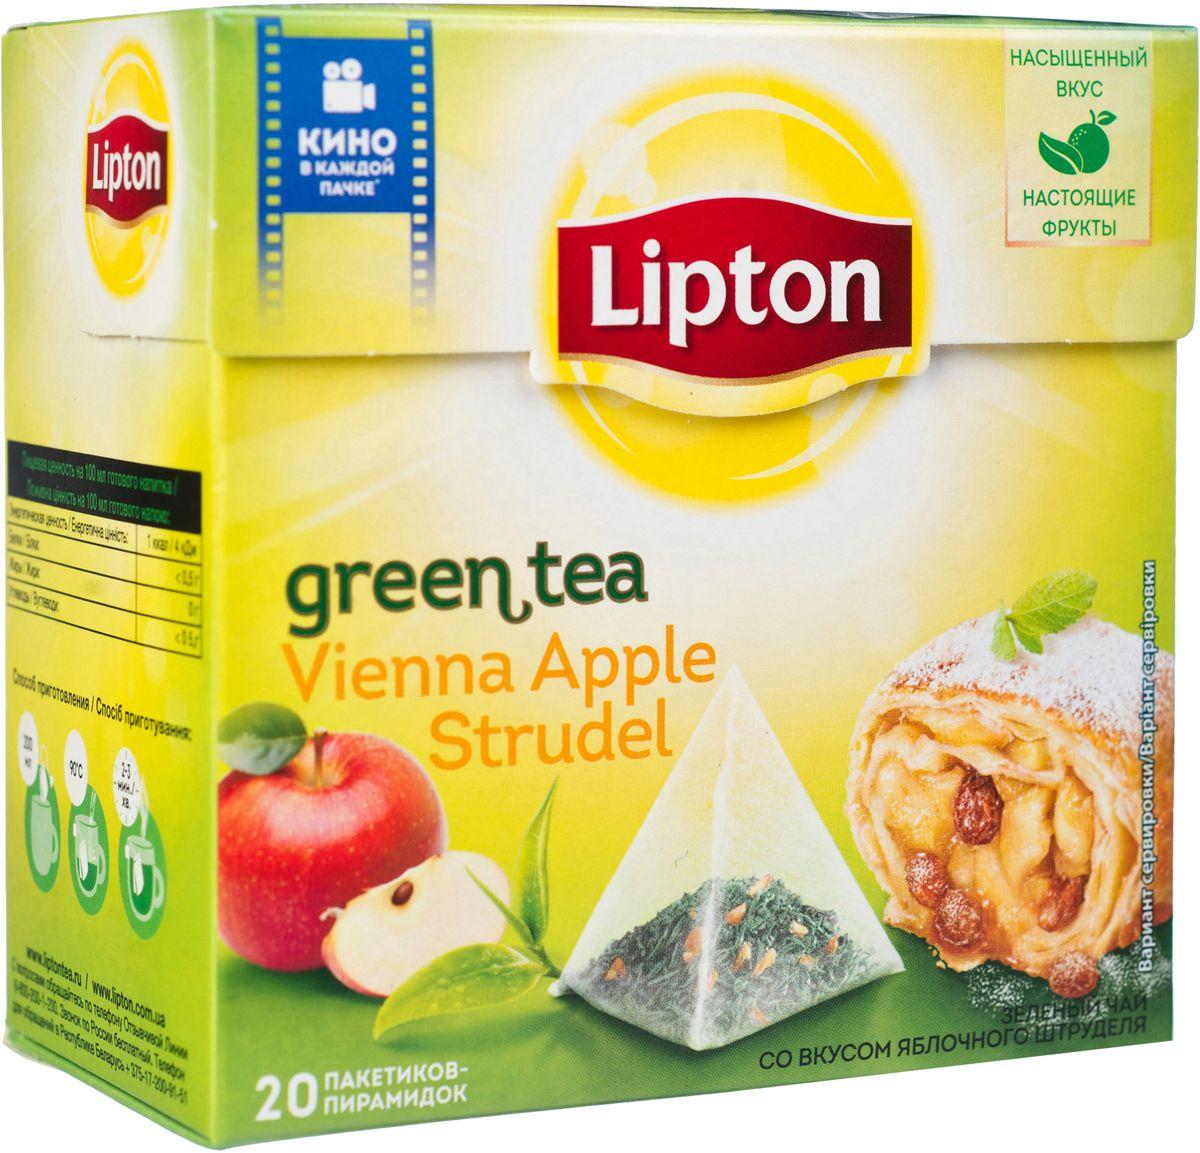 Lipton Зеленый чай Apple Strudel 20 шт0120710Lipton Vienna Apple Strudel - зелёный байховый чай с ароматом яблок и кусочками фруктов. Попробовав Lipton Vienna Apple Strudel со вкусом нежного венского штруделя – классического яблочного десерта из тончайшего слоеного теста, вы невольно представите себя в самом очаровательном европейском городе – Вене. Утонченный аромат нового чая Lipton напомнит непередаваемый шарм музыкальной столицы Европы: города роскоши и великолепных парков, величественных дворцов и сказочных замков.